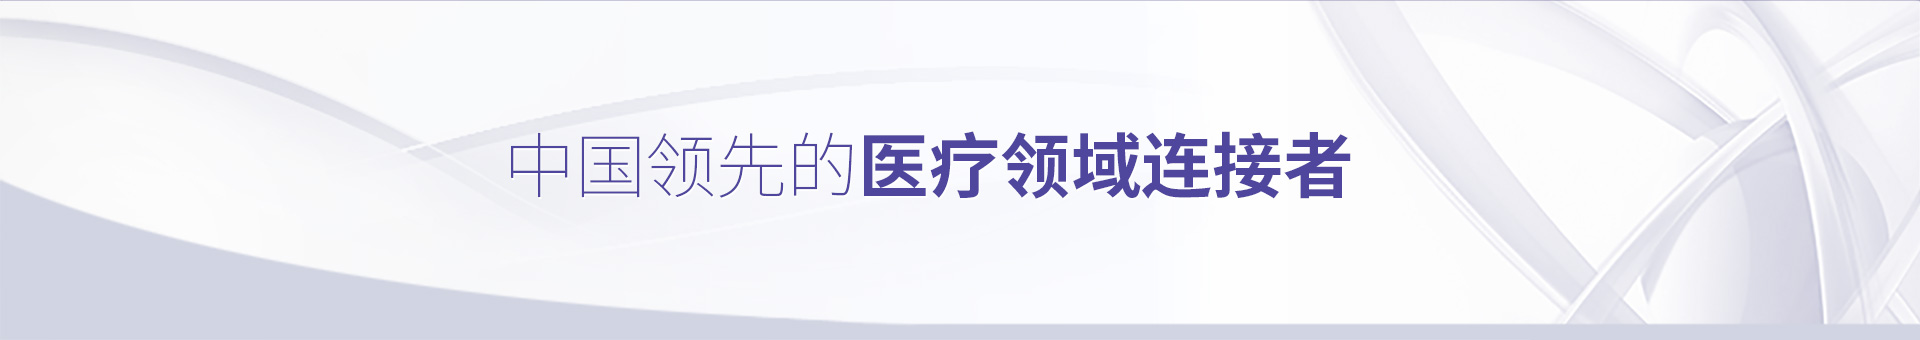 龙8娱乐官方网站手机版 - 中国医疗领域的连接者